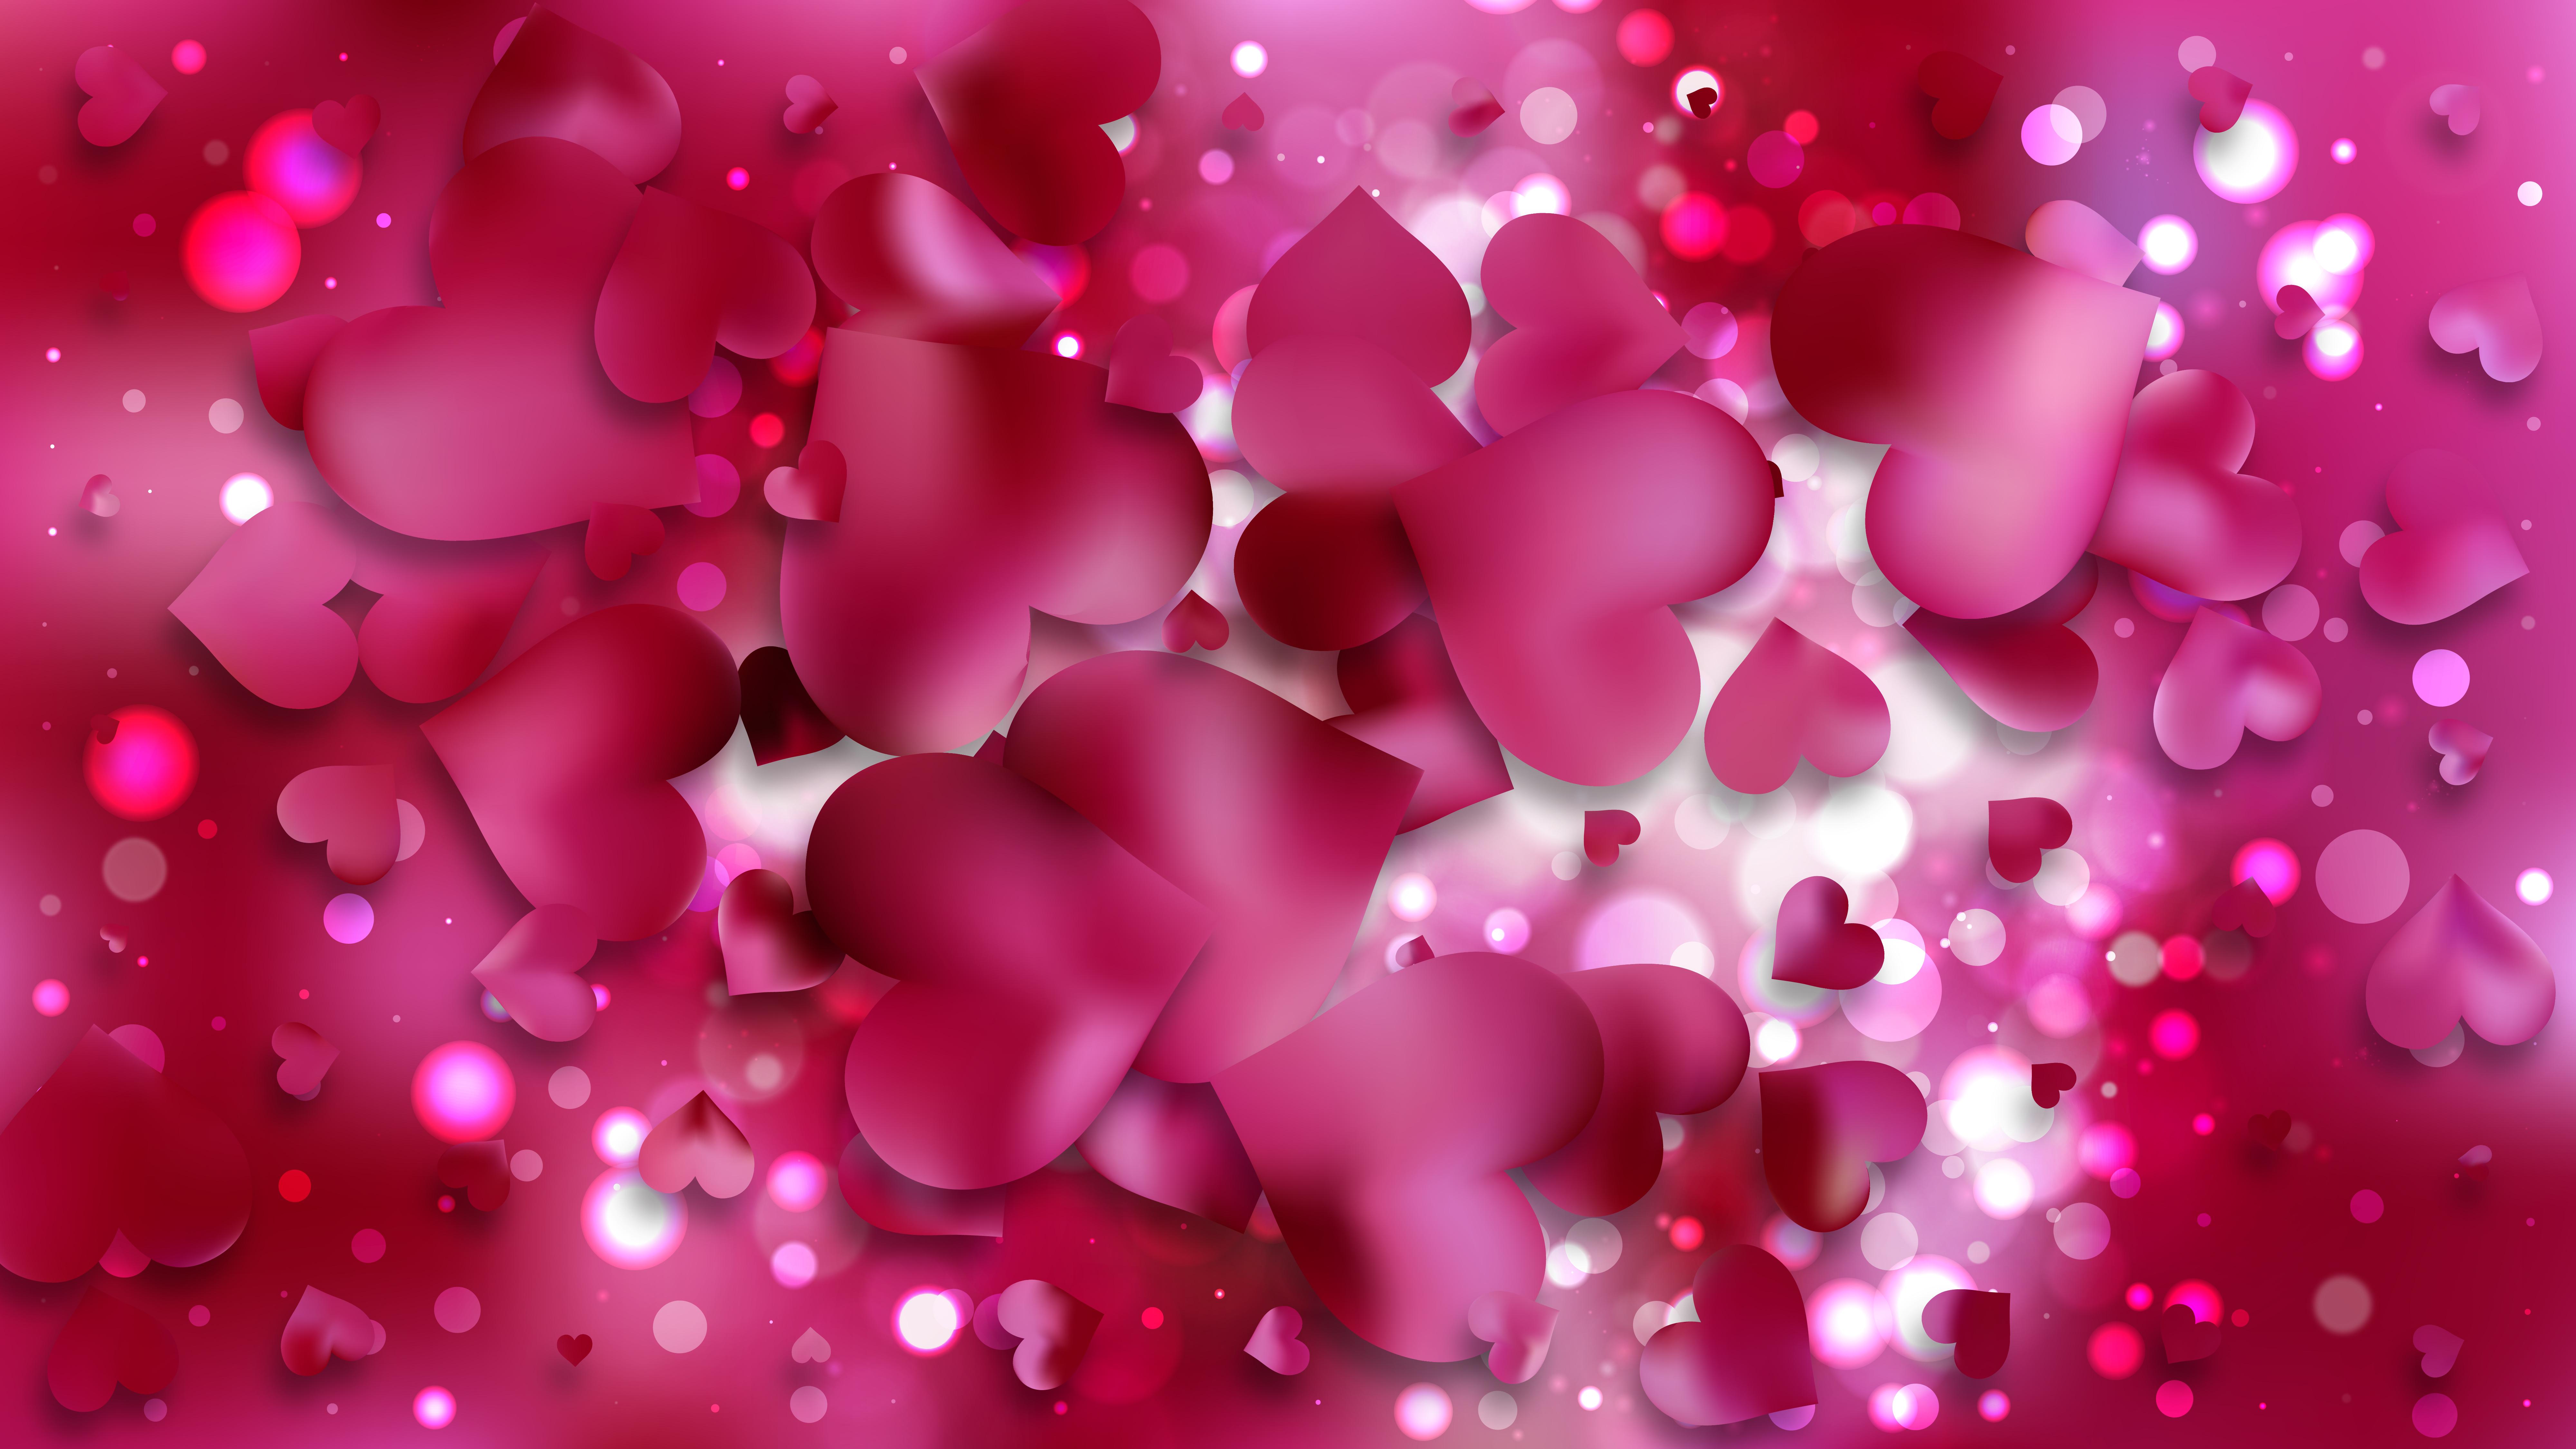 Pink Heart Wallpaper Background Vector Art